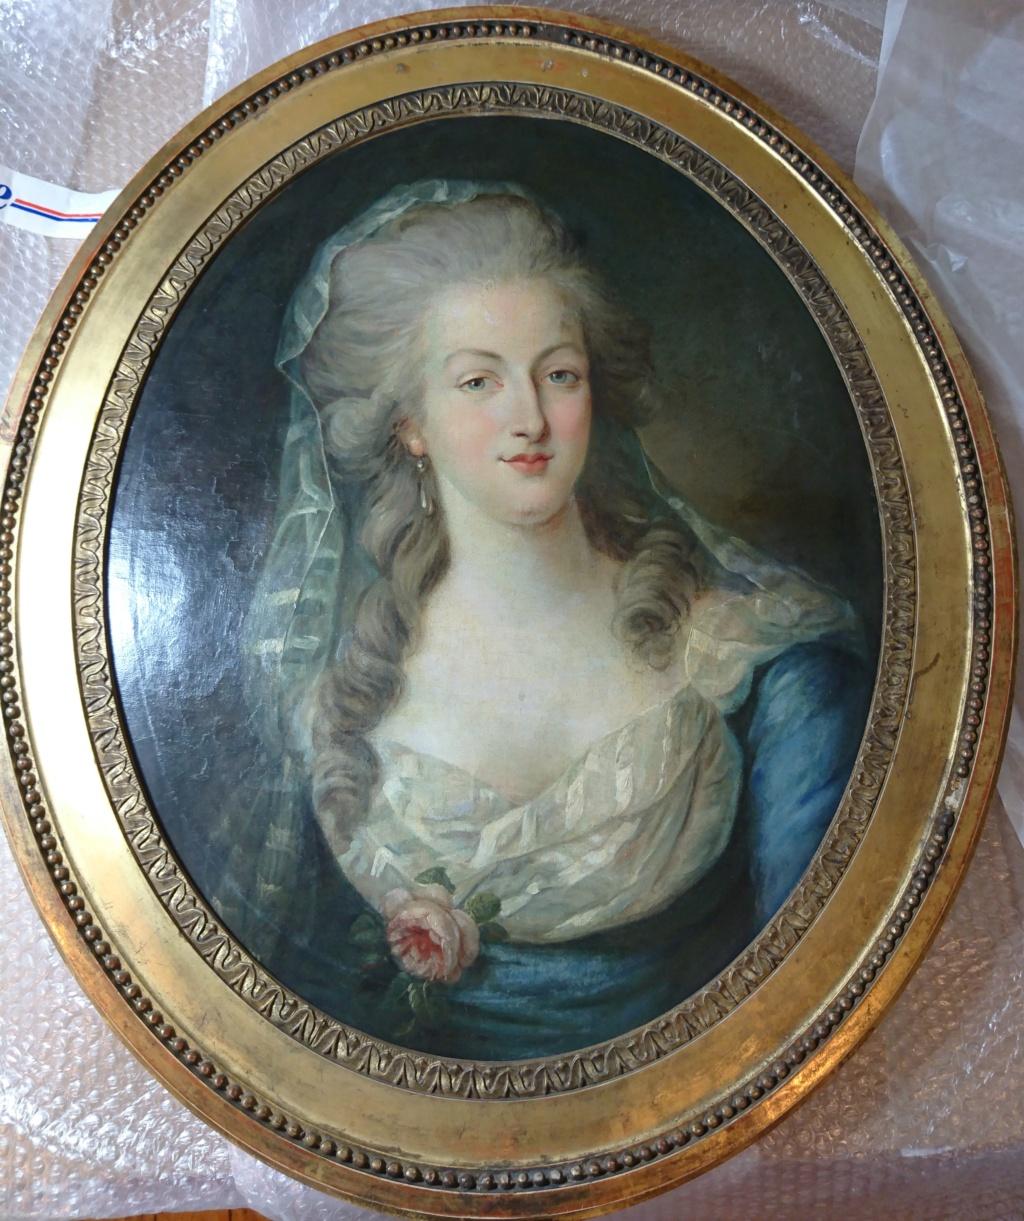 Enquête sur un tableau retrouvé de Marie-Antoinette attribué à Jean-Laurent Mosnier (vers 1776) - Page 3 Dsc_2610